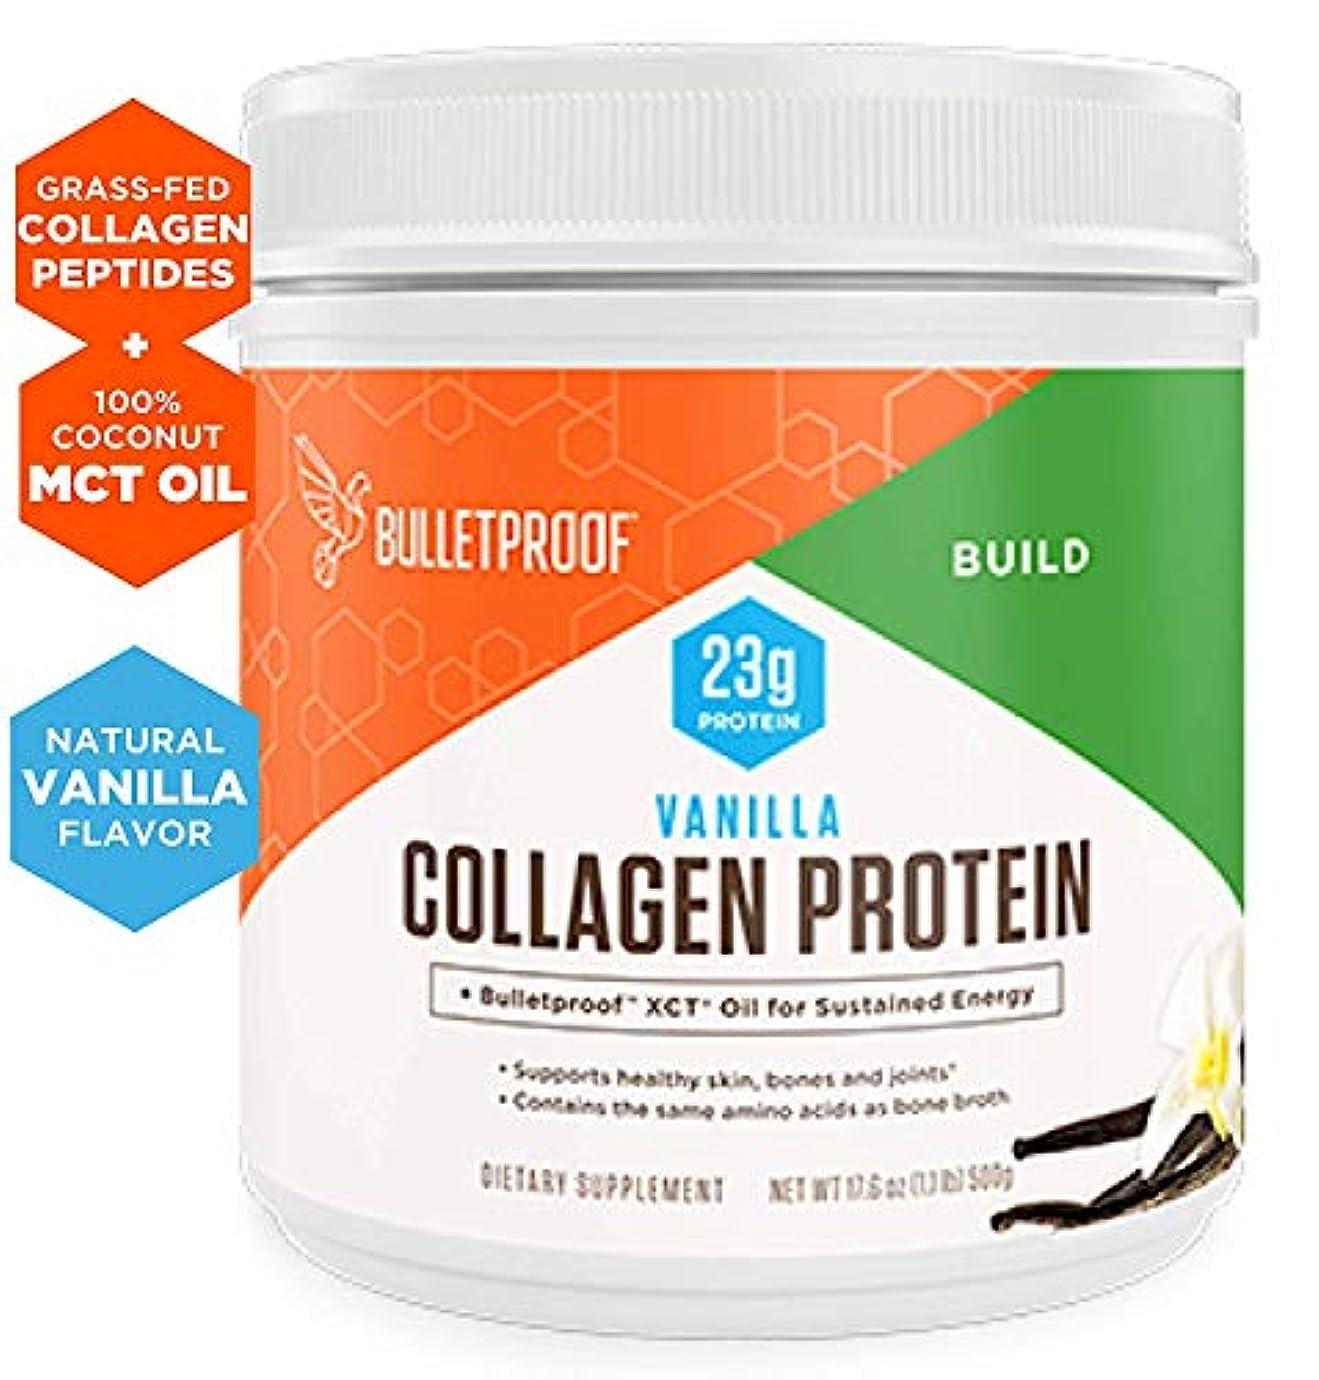 キャリッジ解体する核Bulletproof Collagen Protein 最強の食事 コラーゲン プロテイン, バニラ味 (500g)